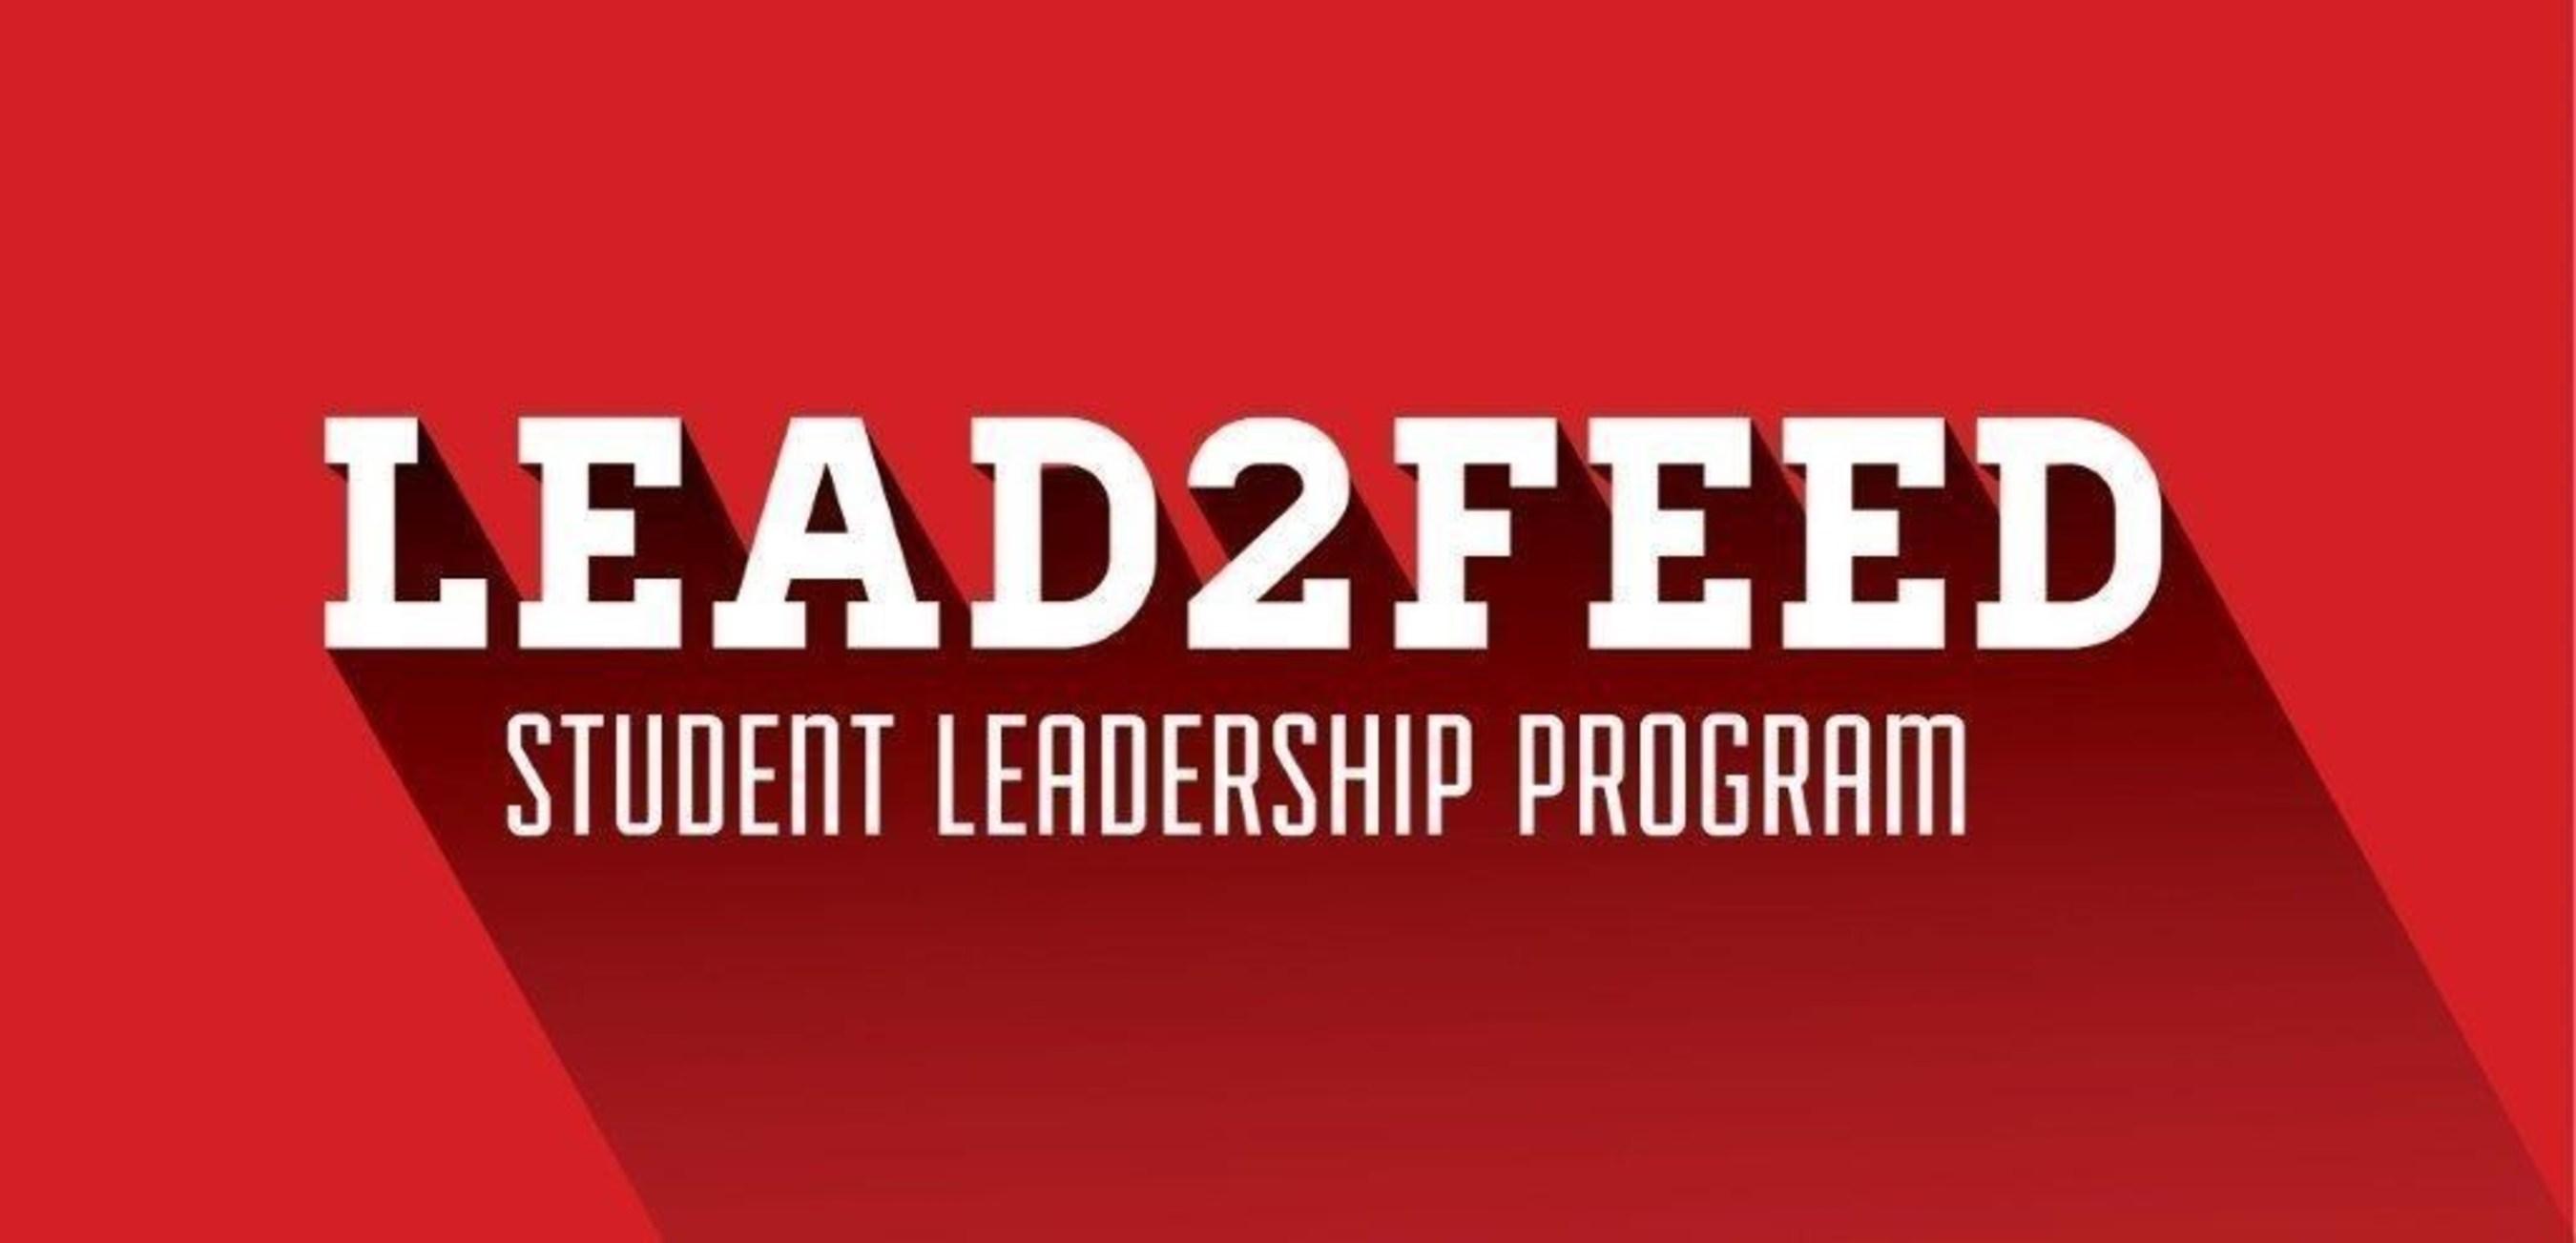 Lead2Feed Logo